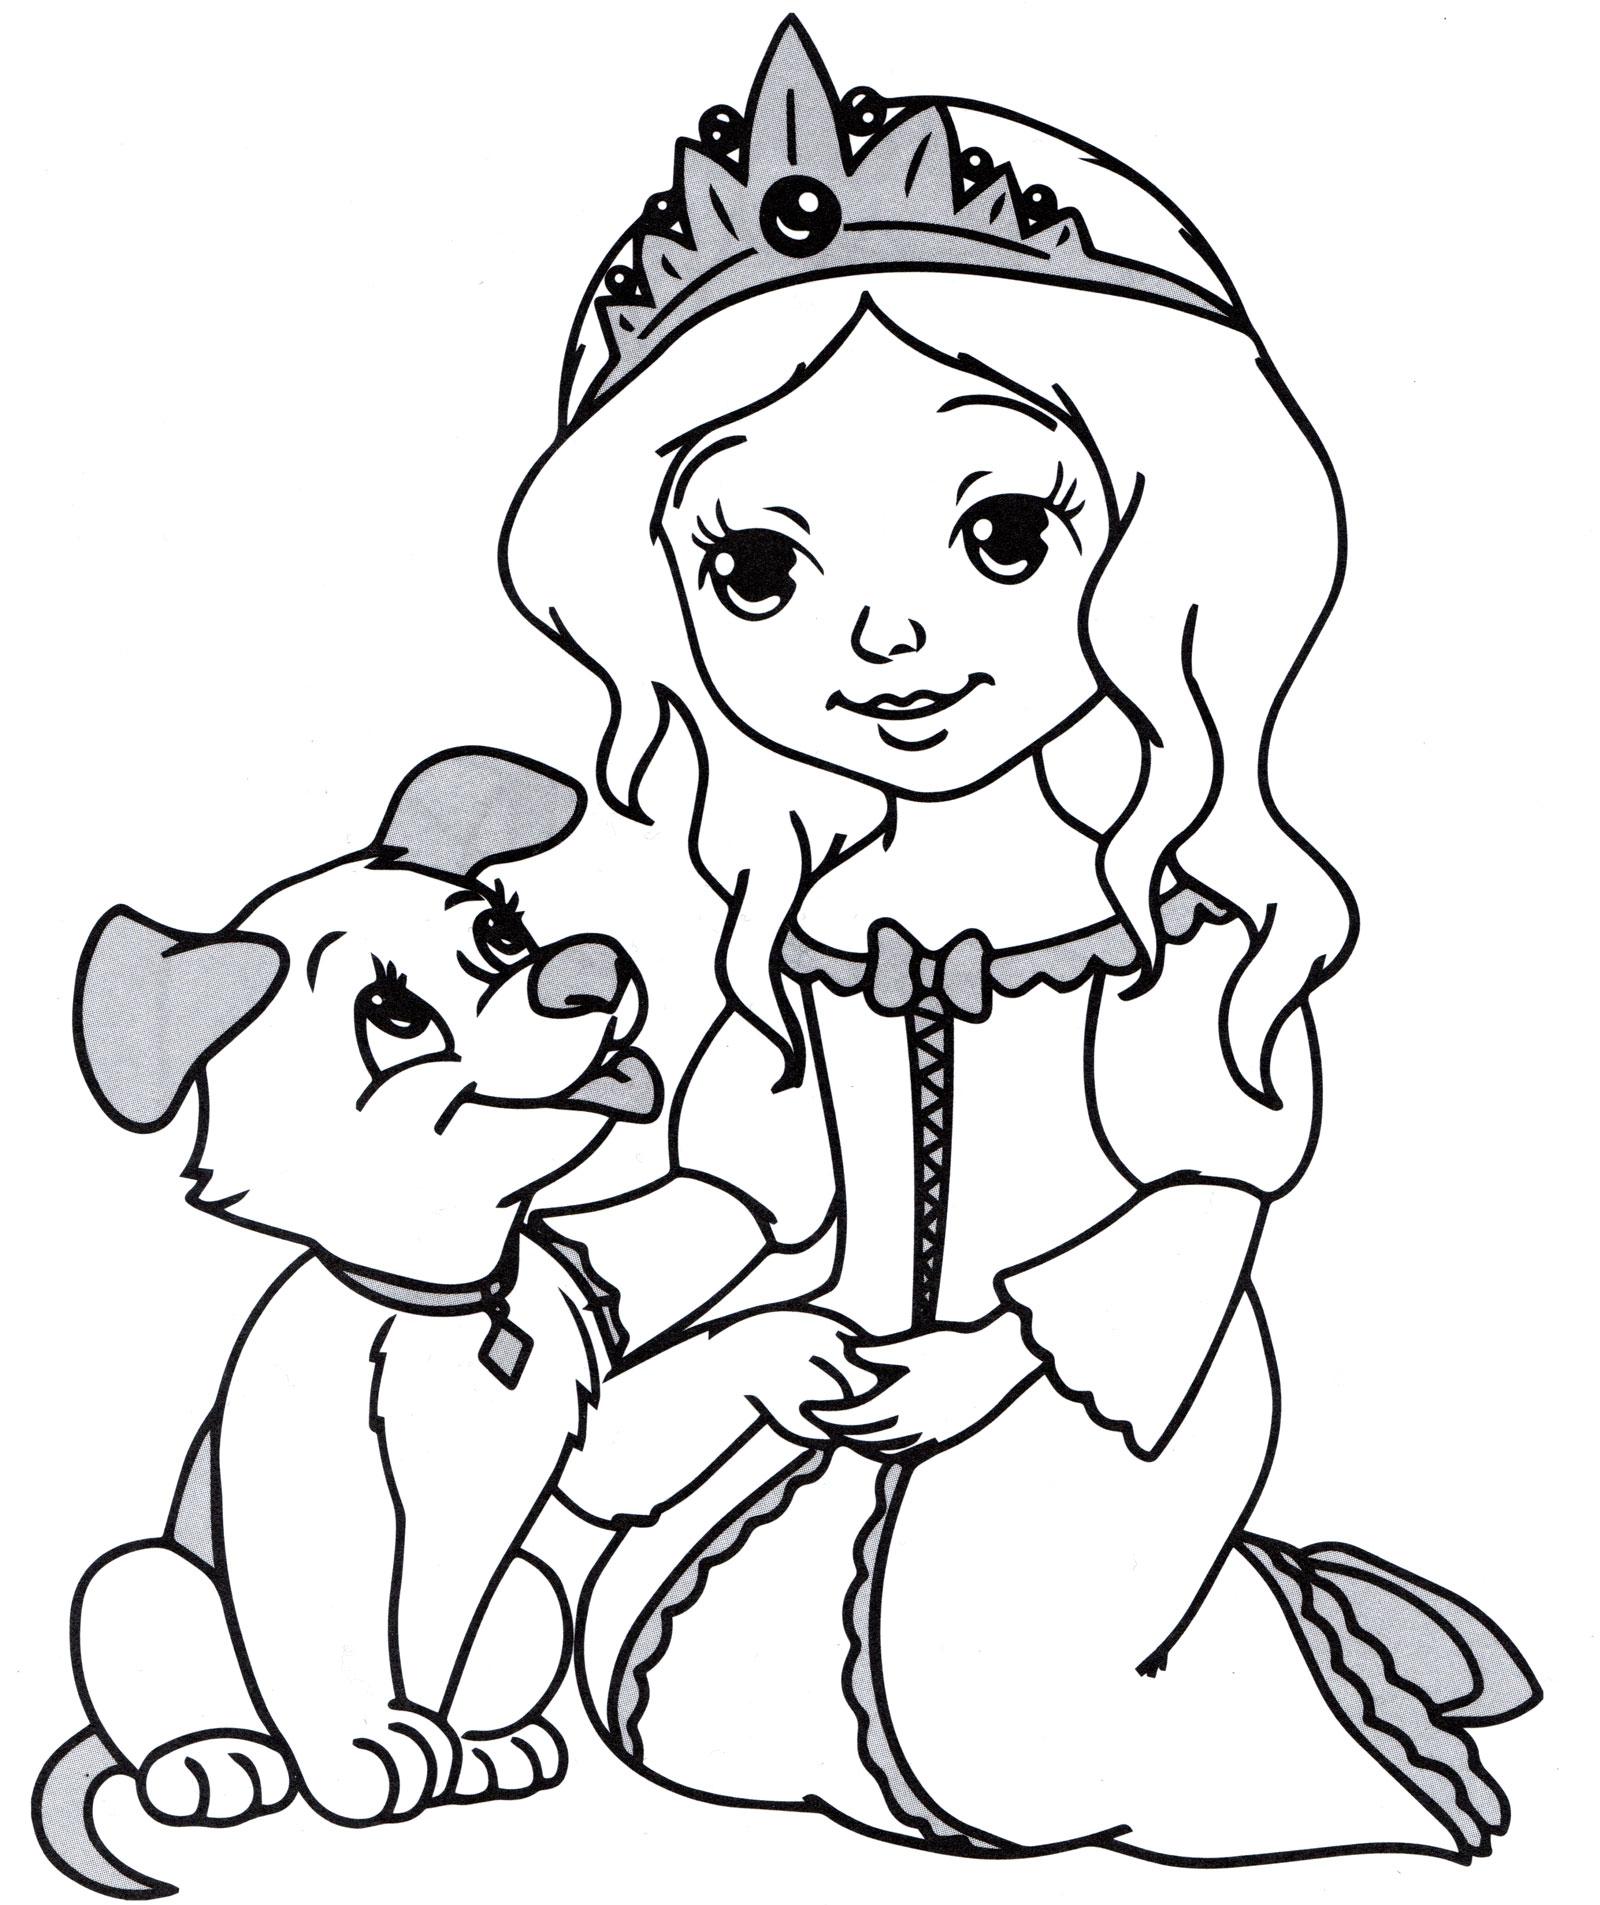 Раскраска Принцесса и ее щенок - распечатать бесплатно